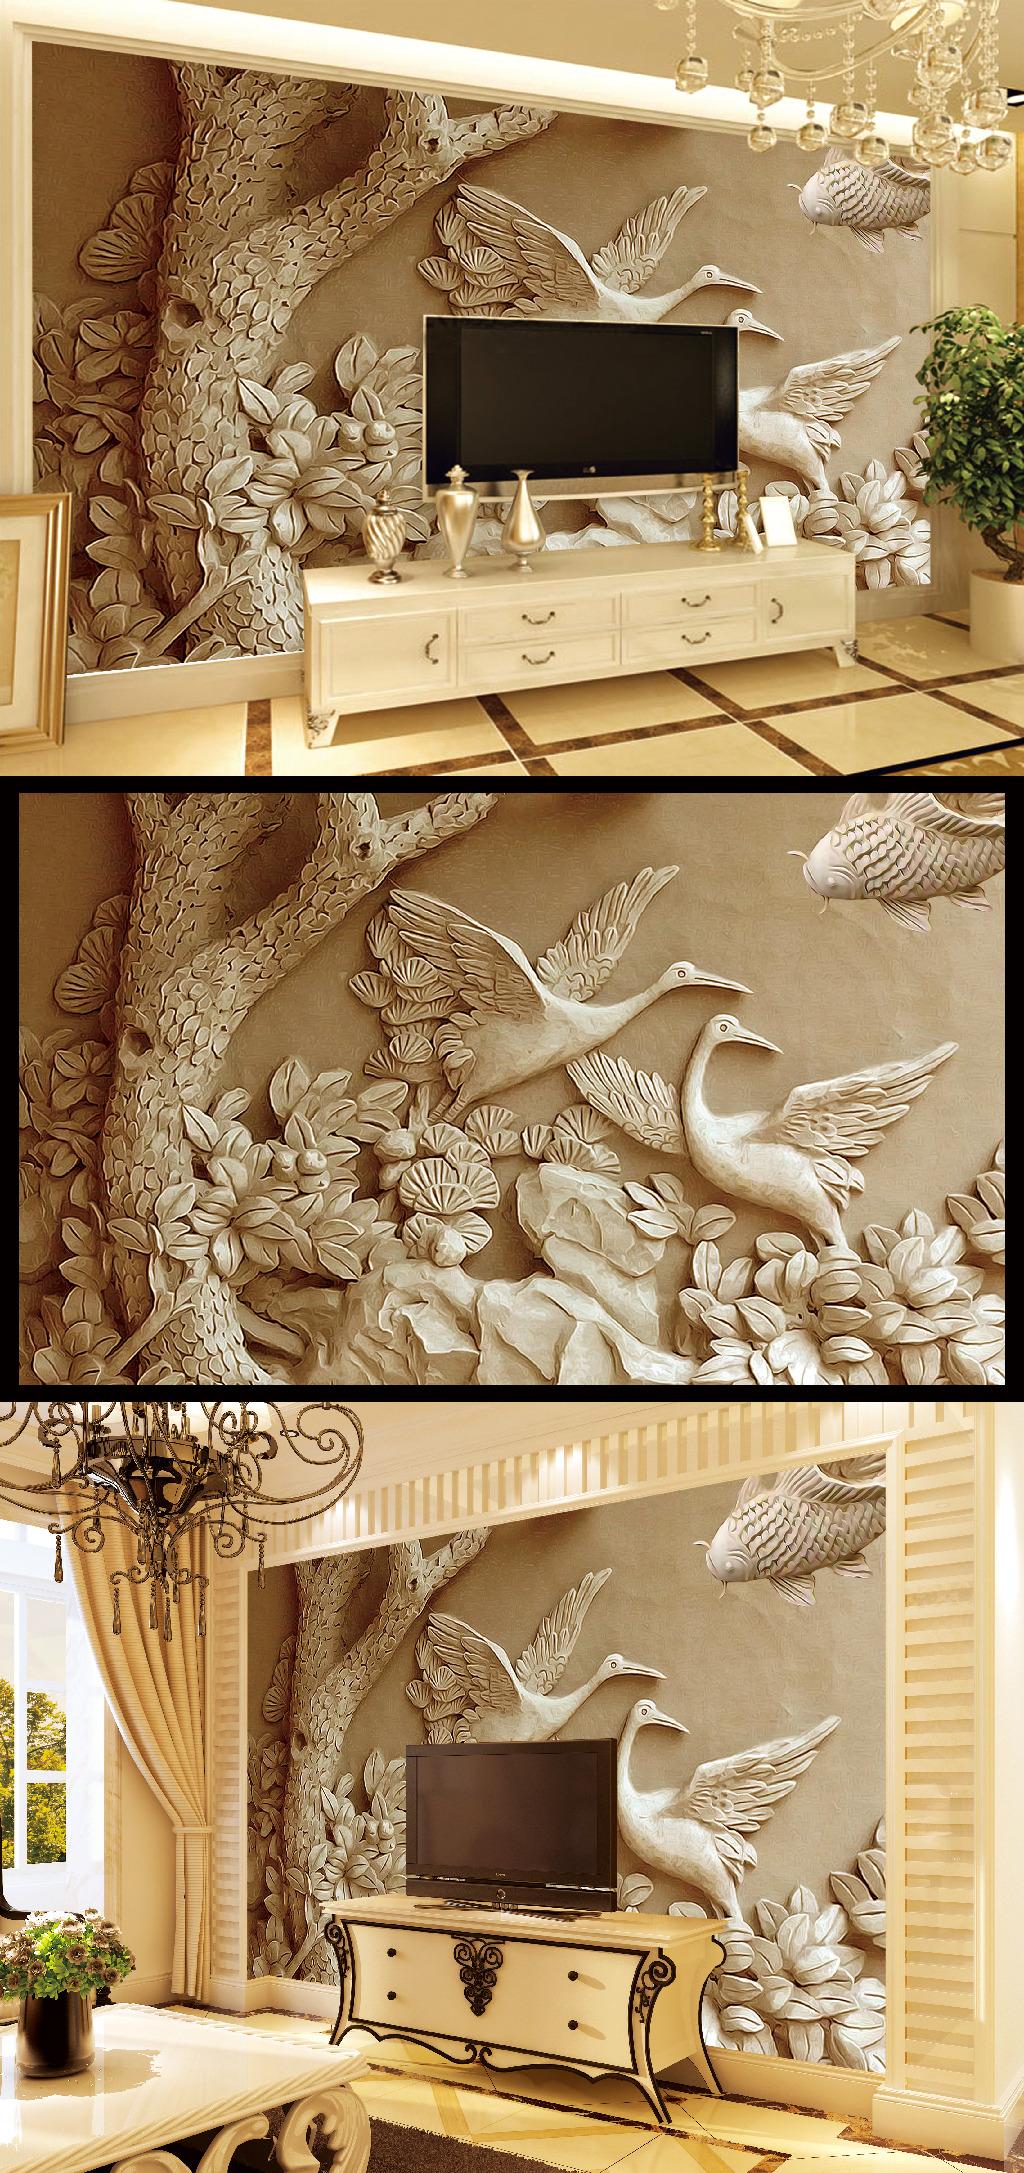 背景墙|装饰画 壁画 浮雕壁画 > 高清木雕松鹤展翅背景墙壁画  原创正